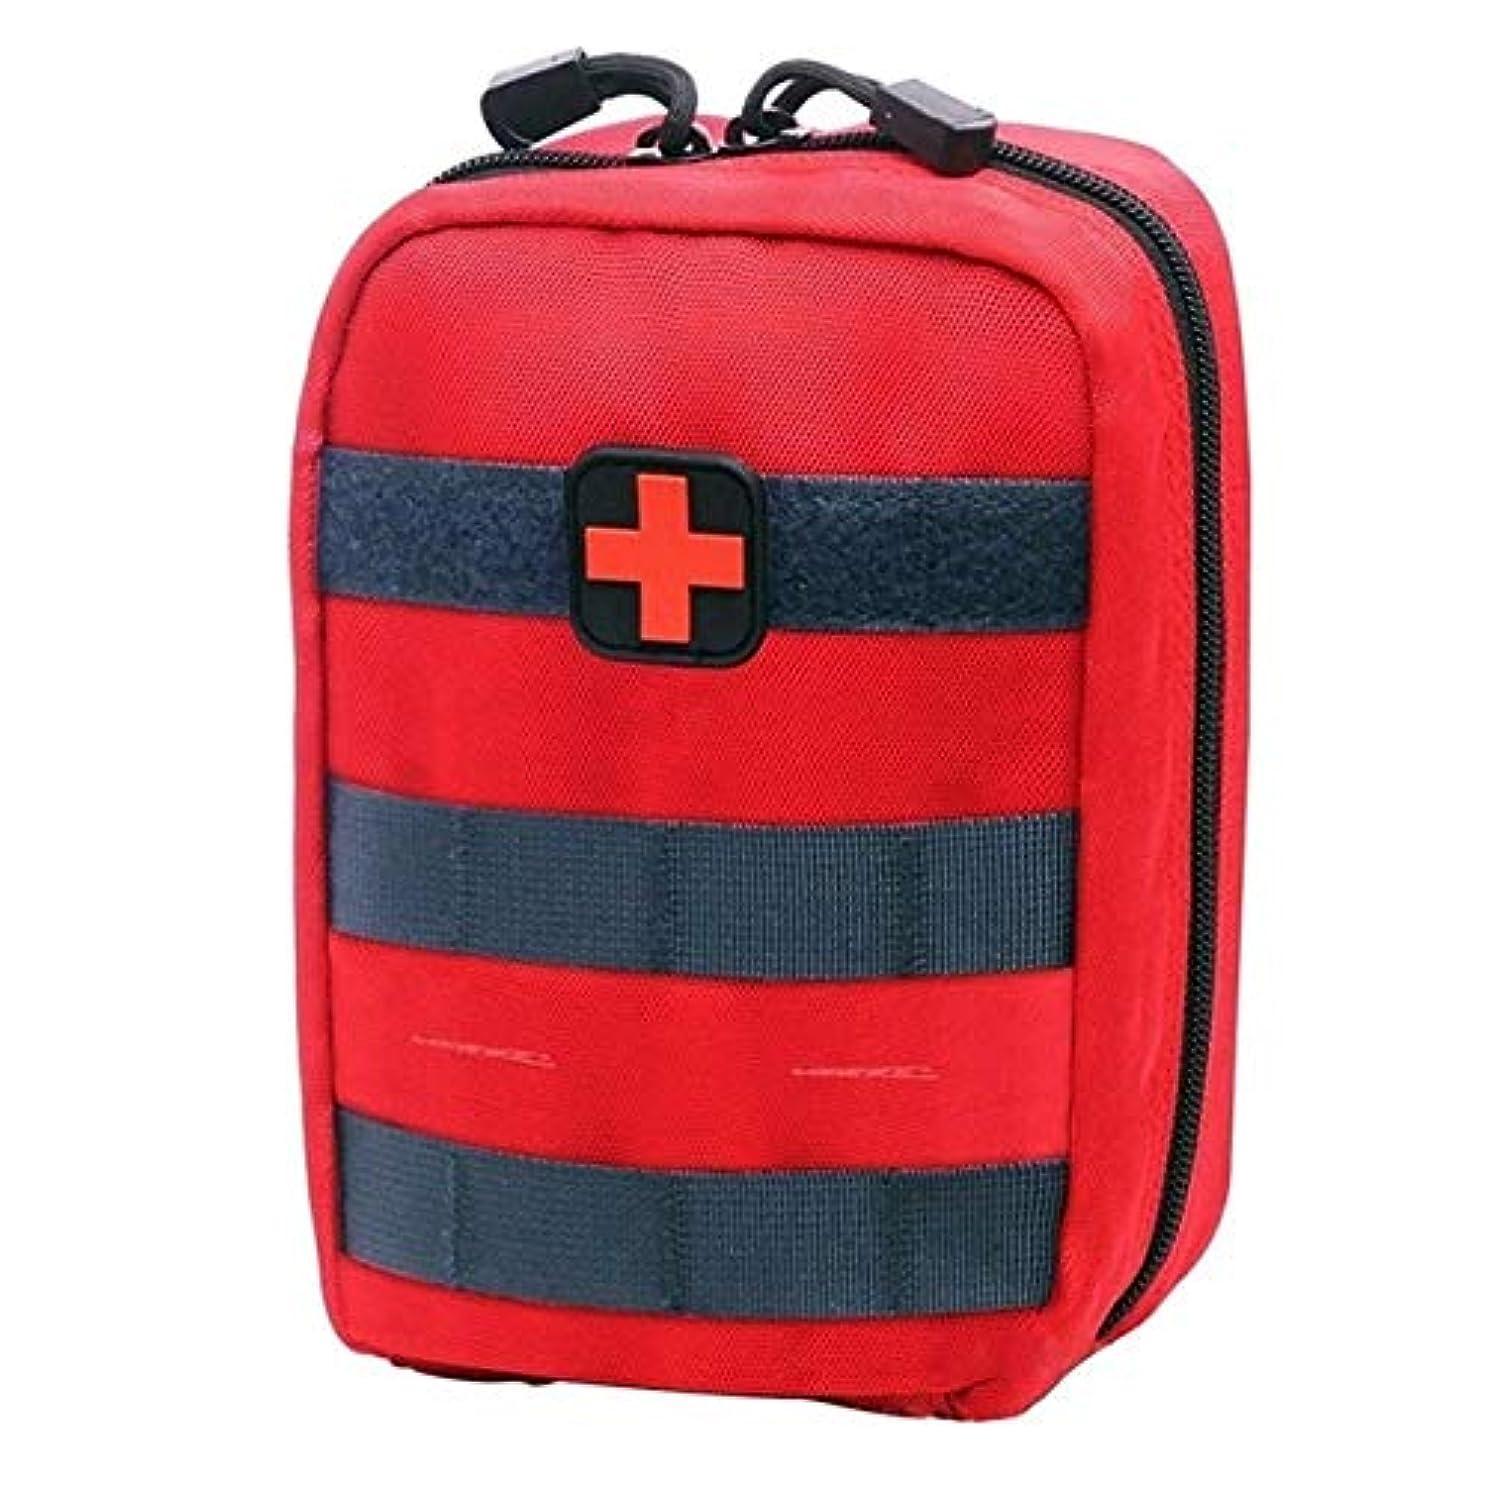 情緒的終わらせるすすり泣きYxsd 応急処置キット 医療救急箱、アウトドアサバイバル医療カバー、緊急用パッケージユーティリティベルトバッグ